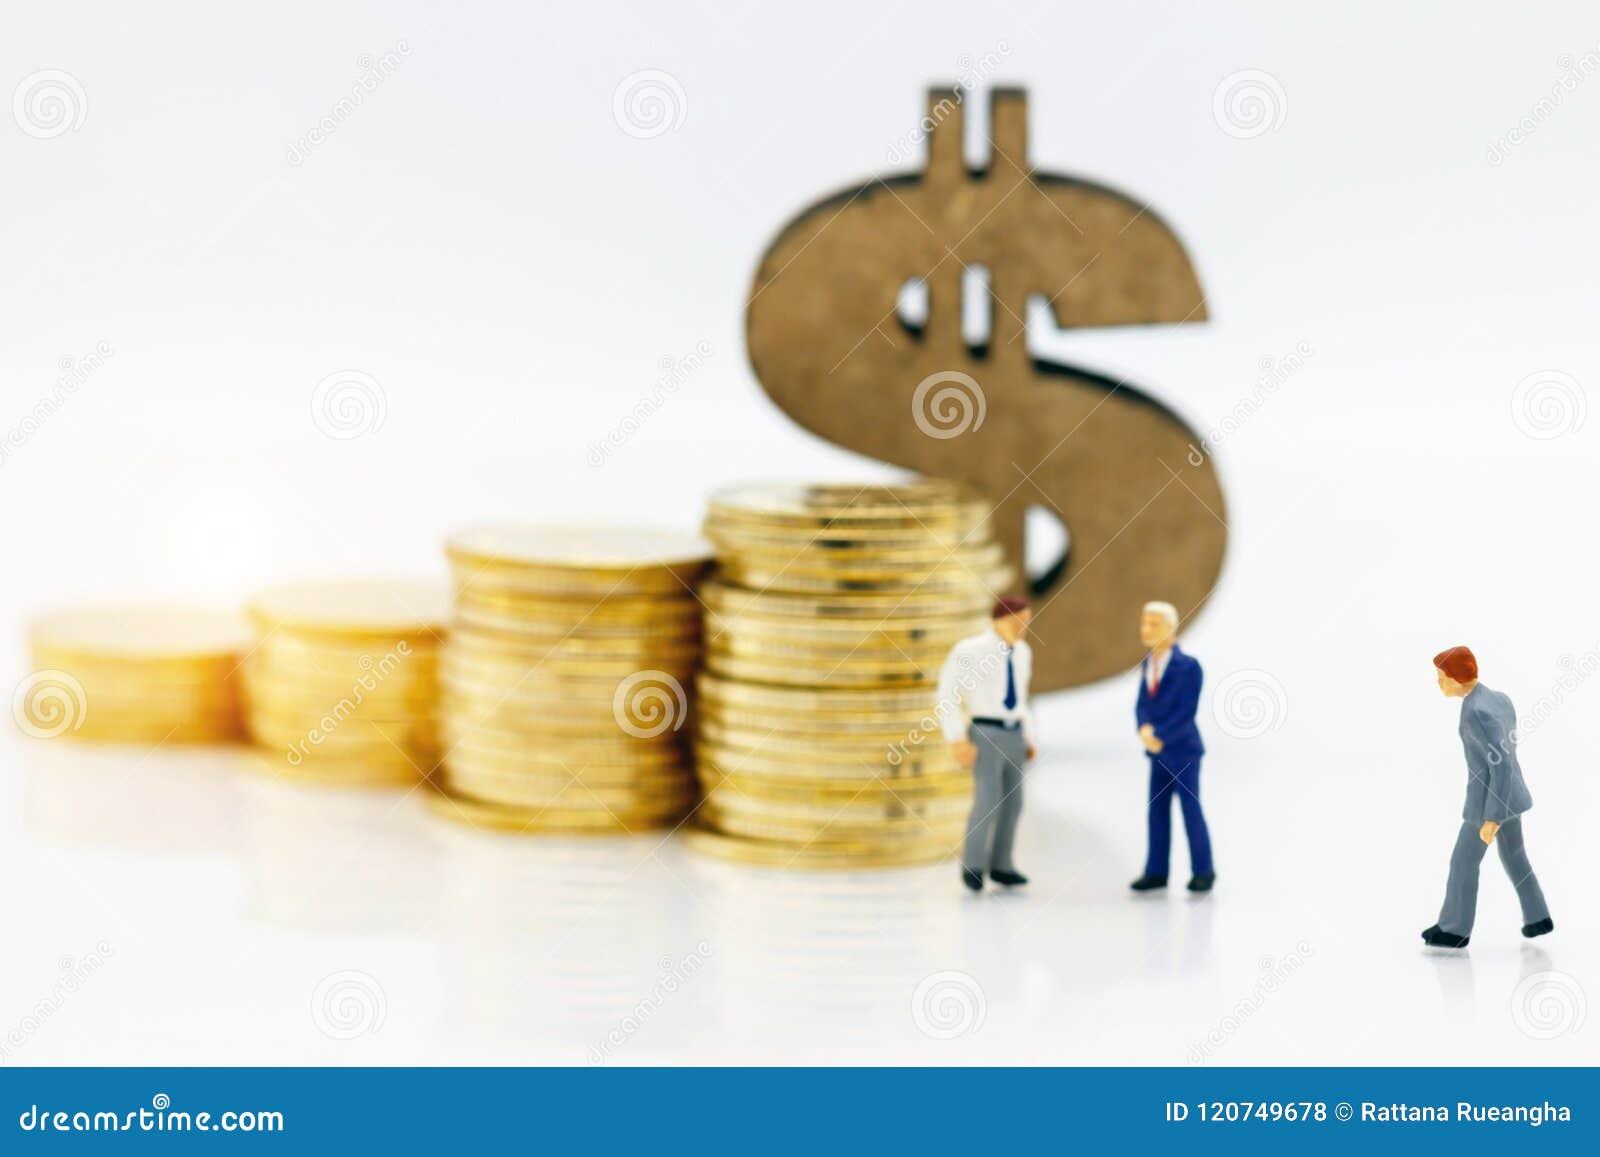 Μικροσκοπικοί άνθρωποι: Επιχειρηματίας που στέκεται με το σωρό και την κούκλα νομισμάτων